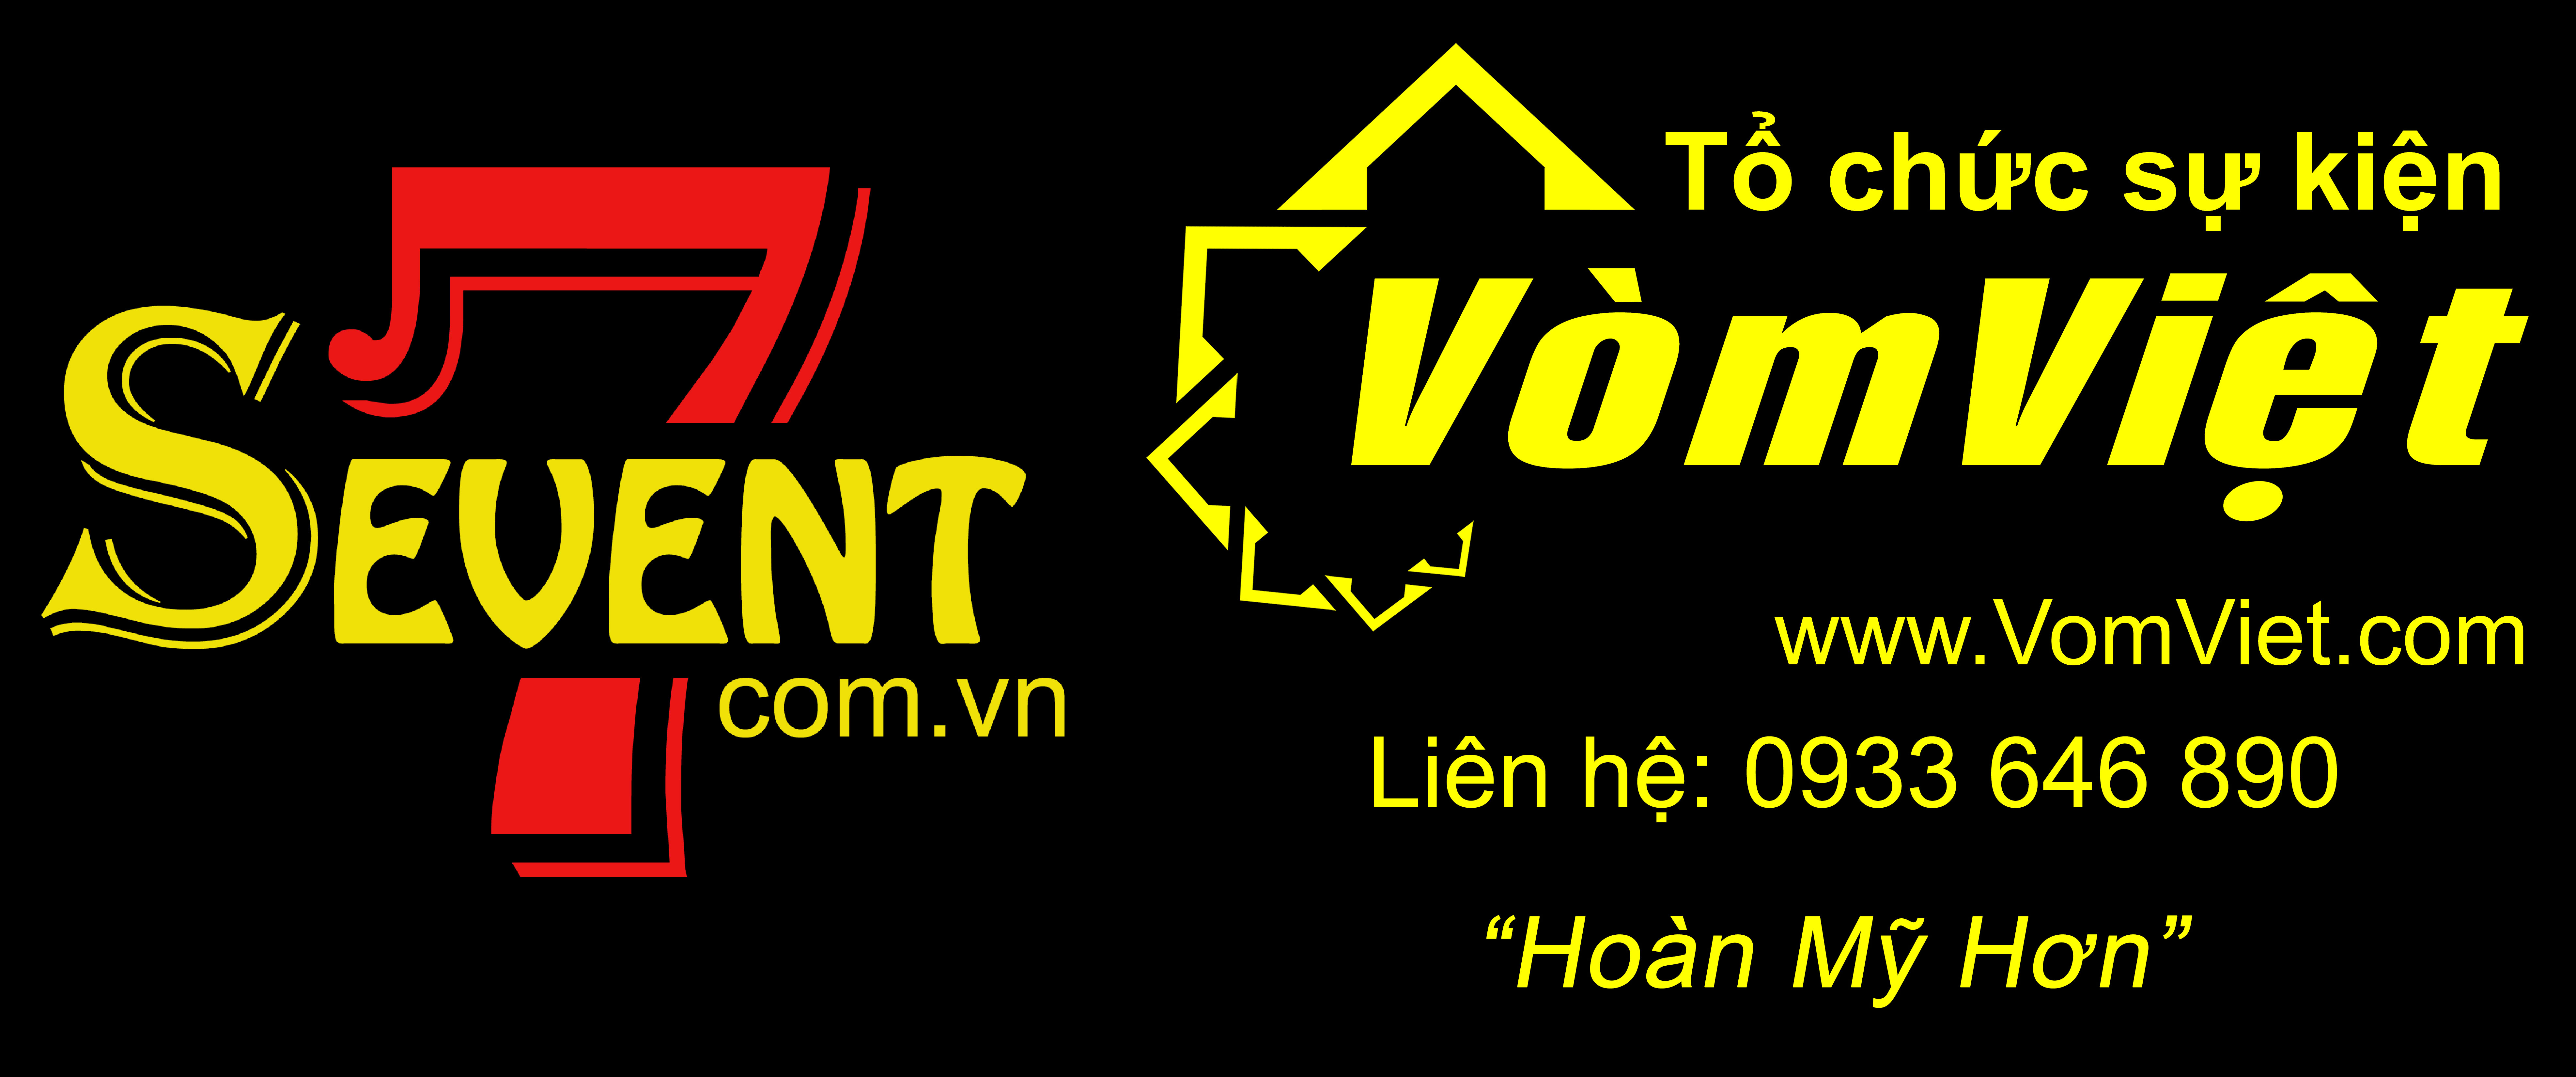 Cảm Nhận Của Các Anh Em Vòm Việt T07